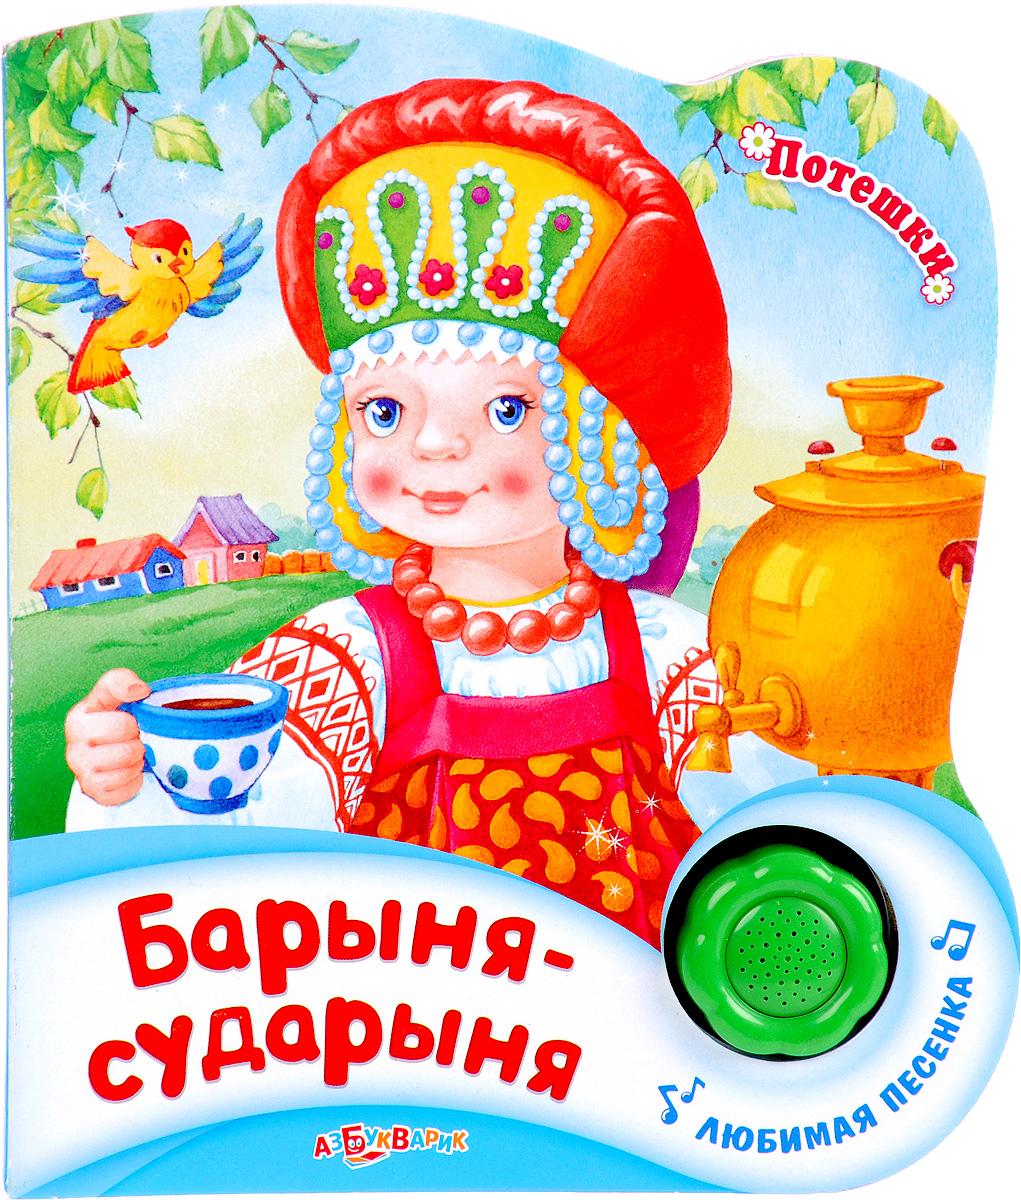 Барыня-сударыня. Книжка-игрушка песенки для малышей книжка игрушка